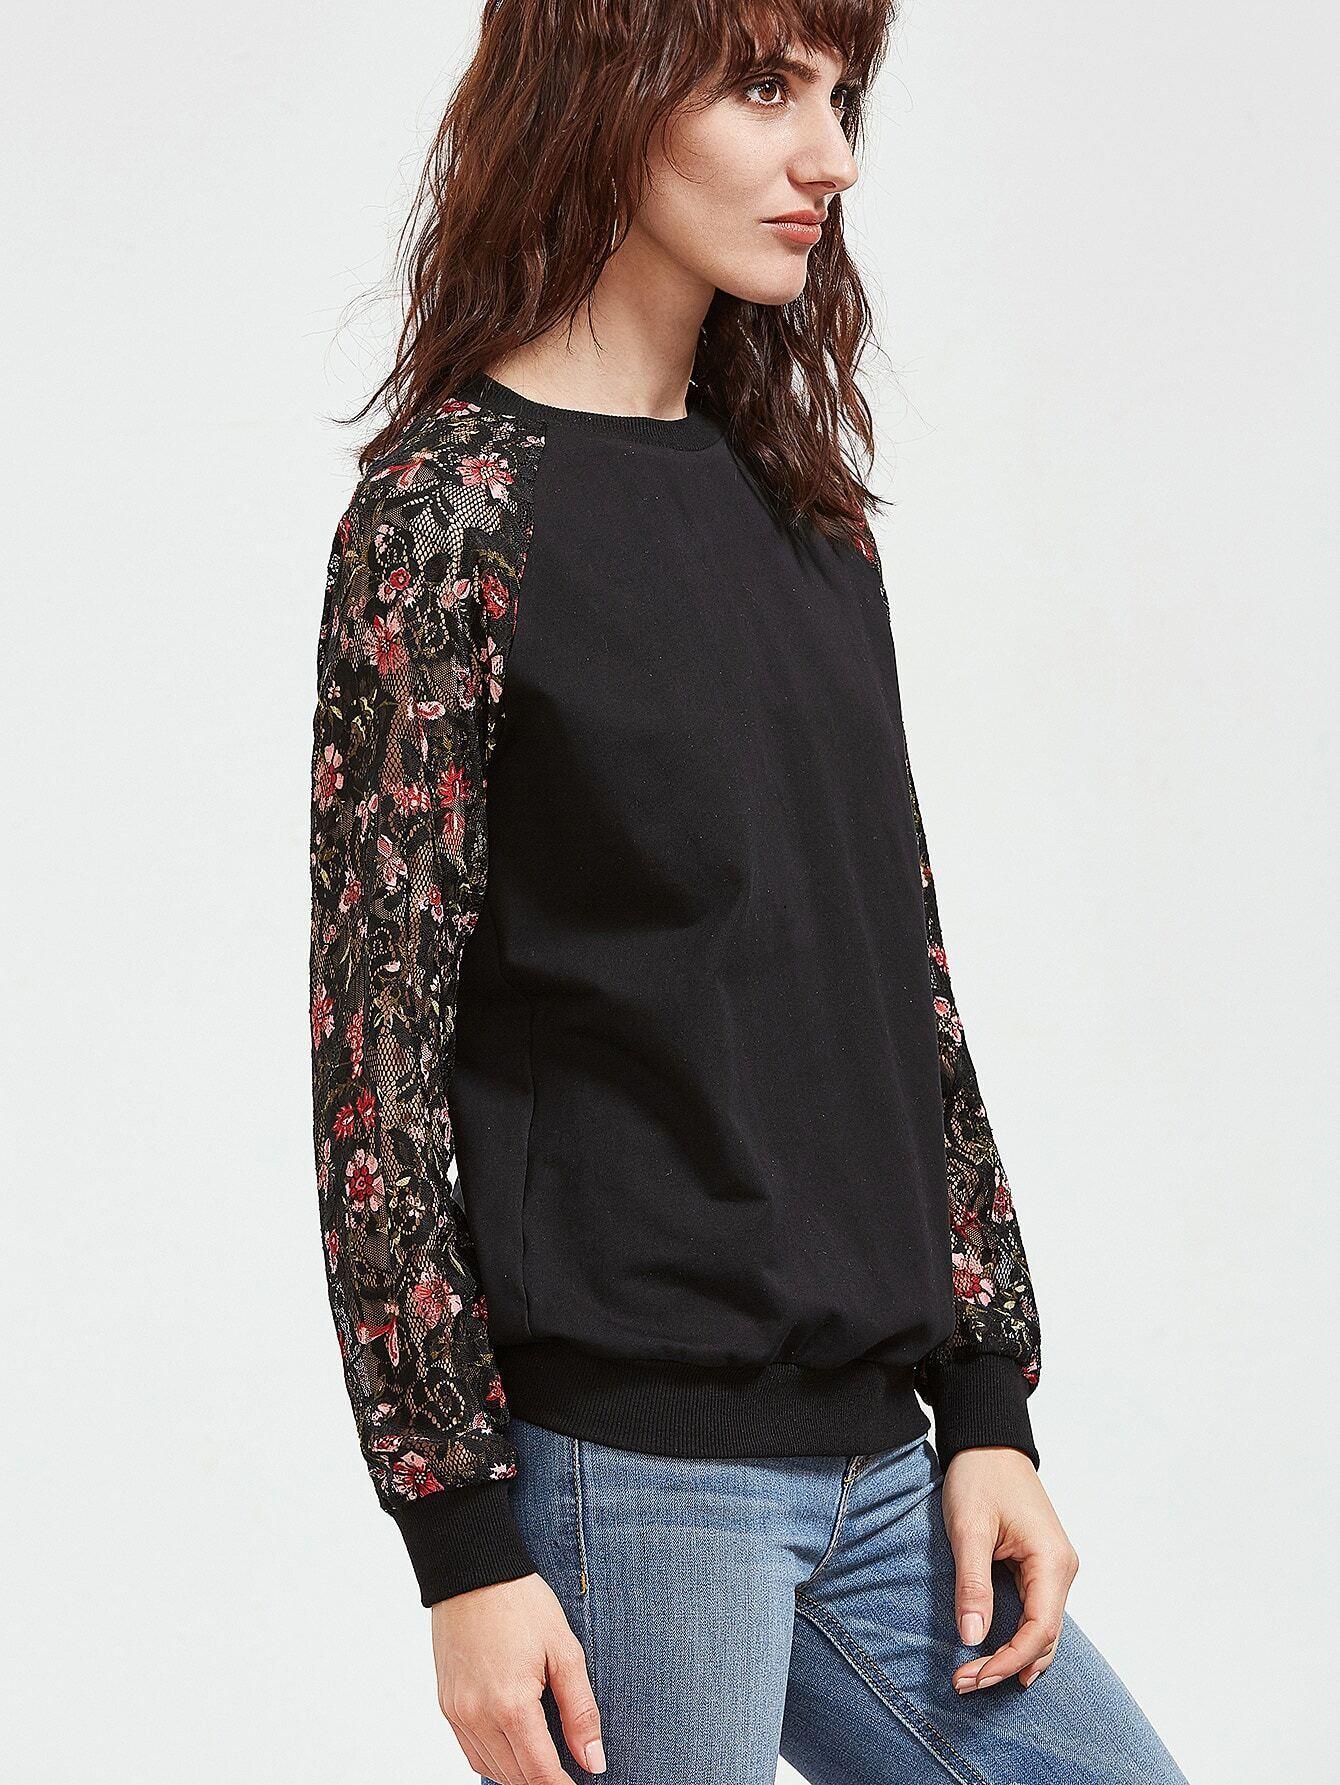 sweatshirt170216701_2